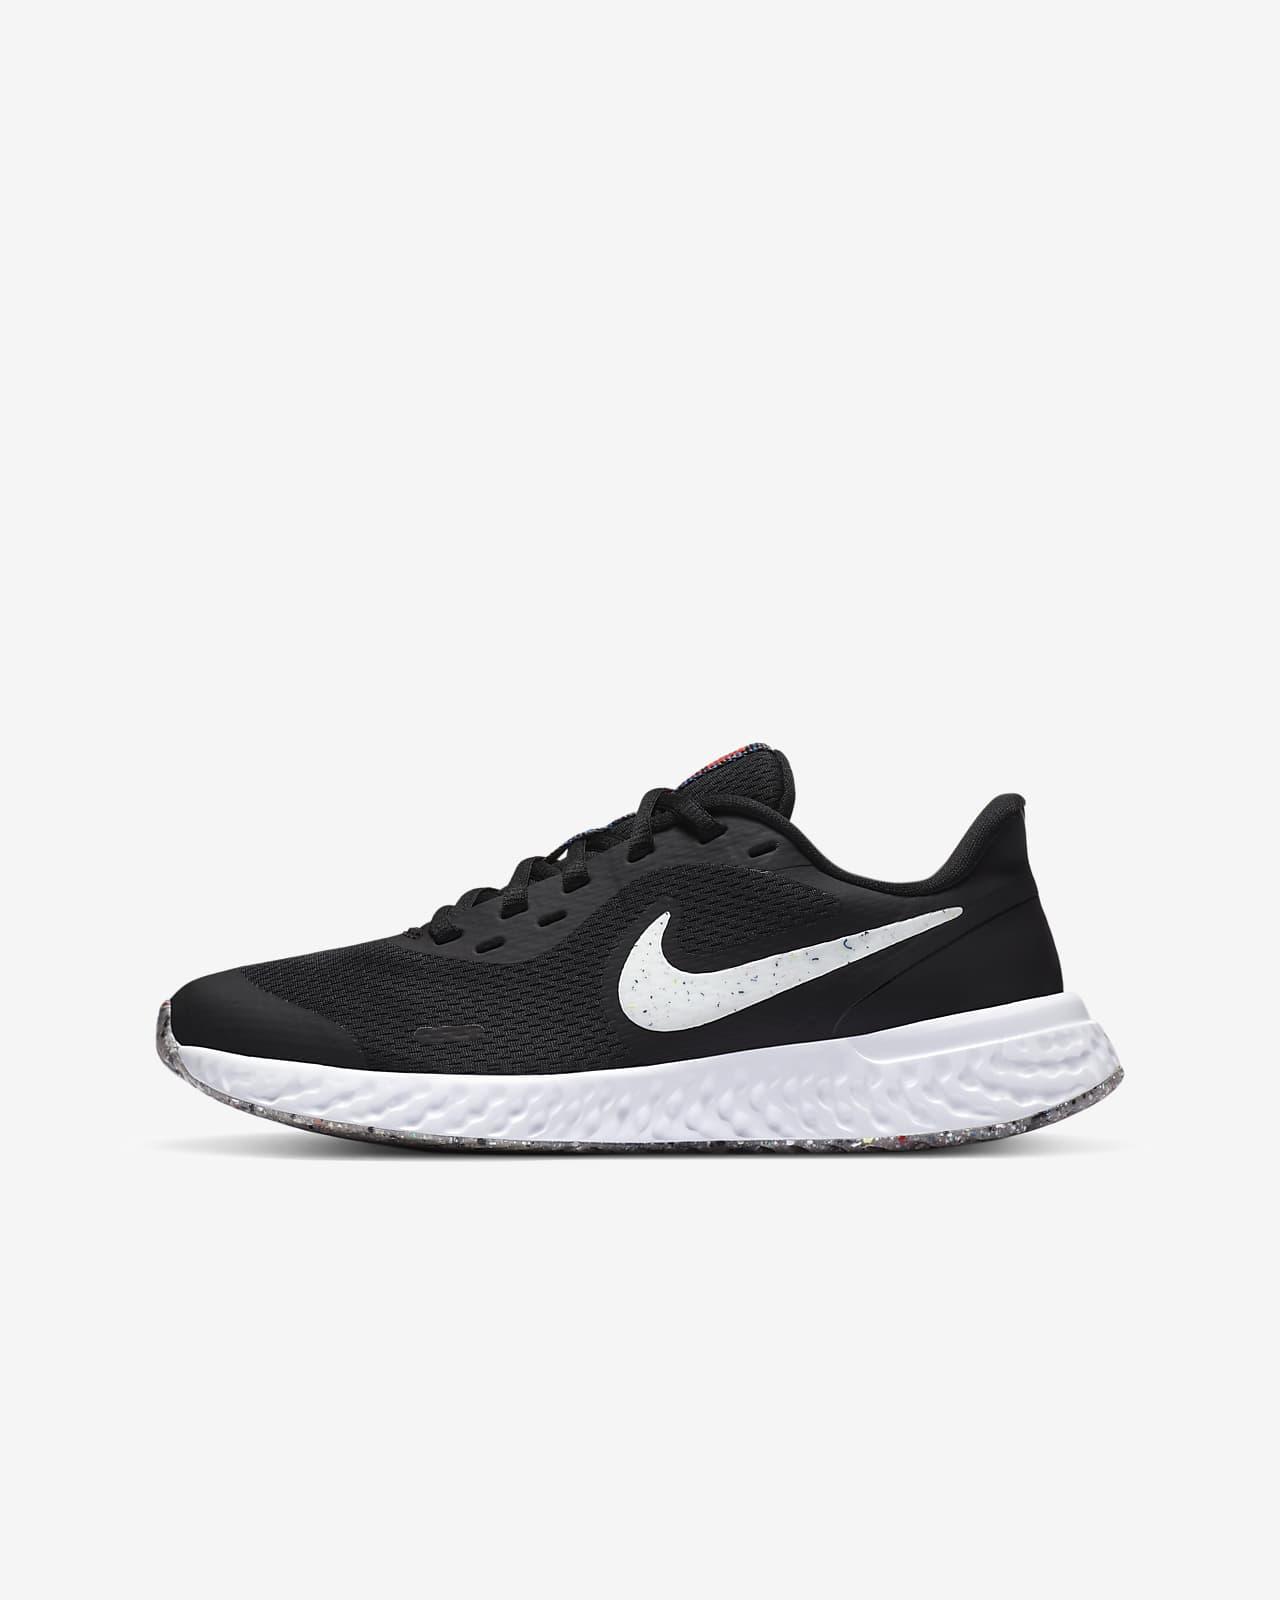 Běžecká bota Nike Revolution 5 SE pro větší děti